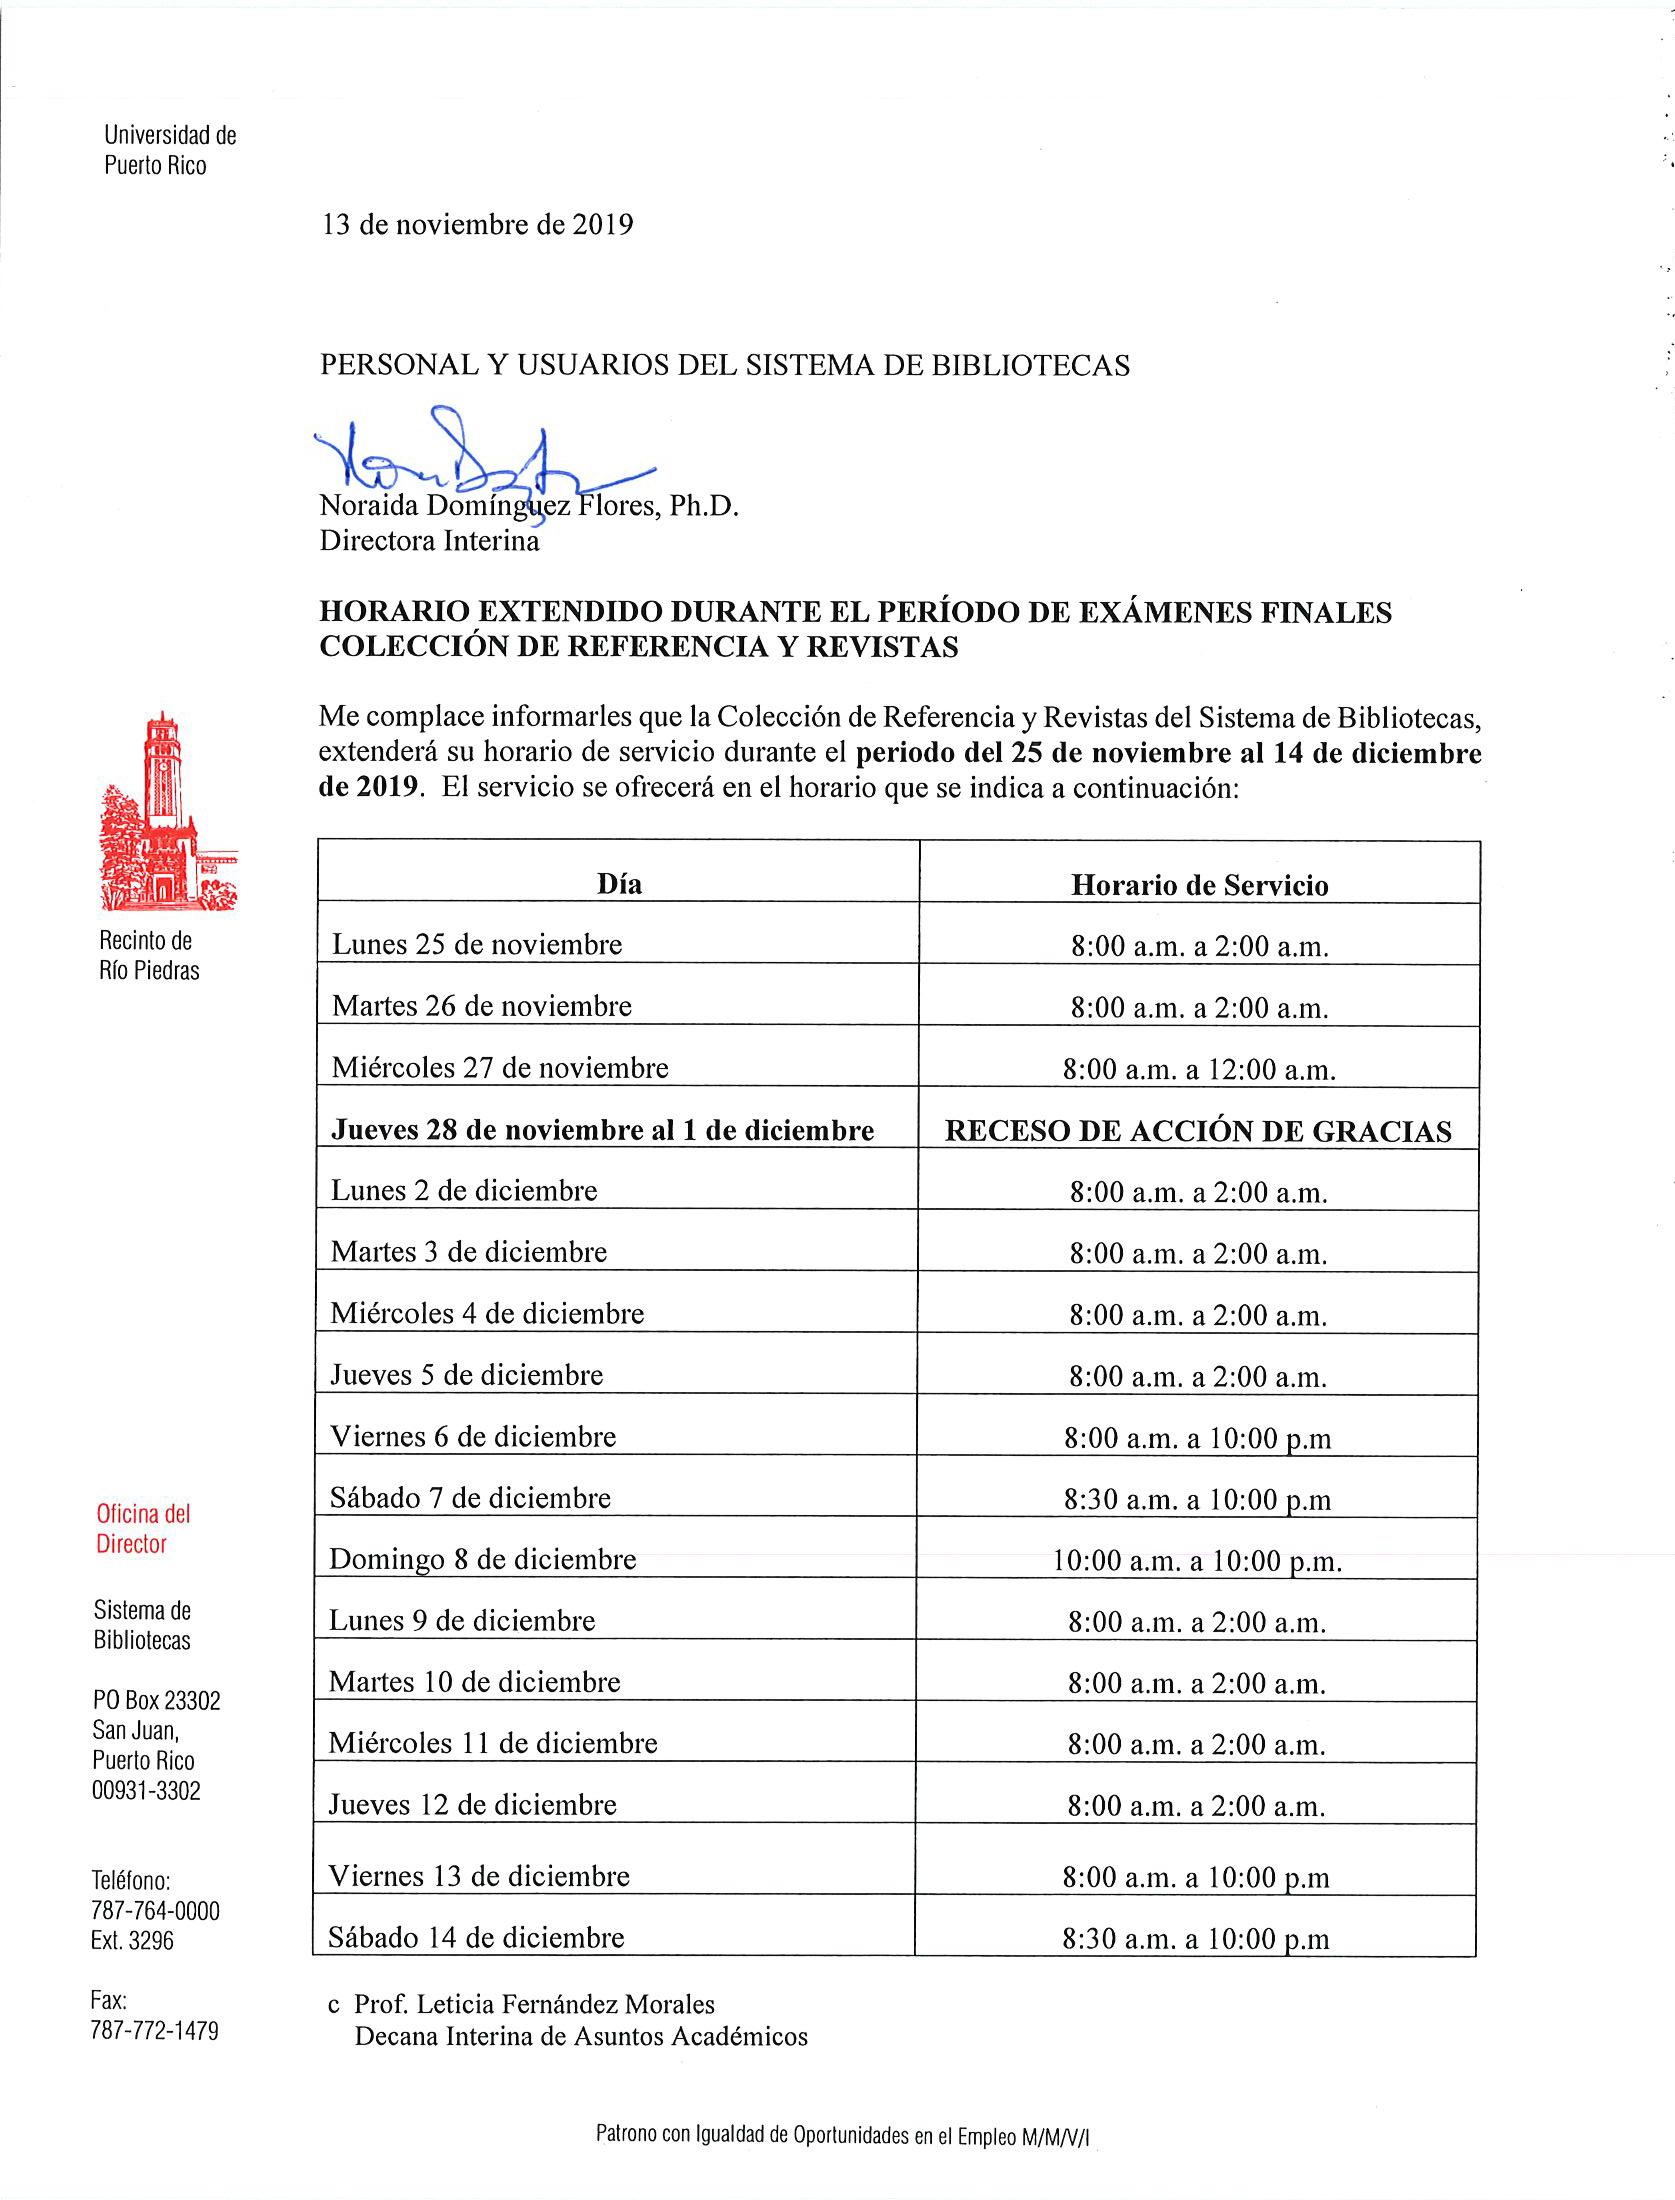 tabla horarios